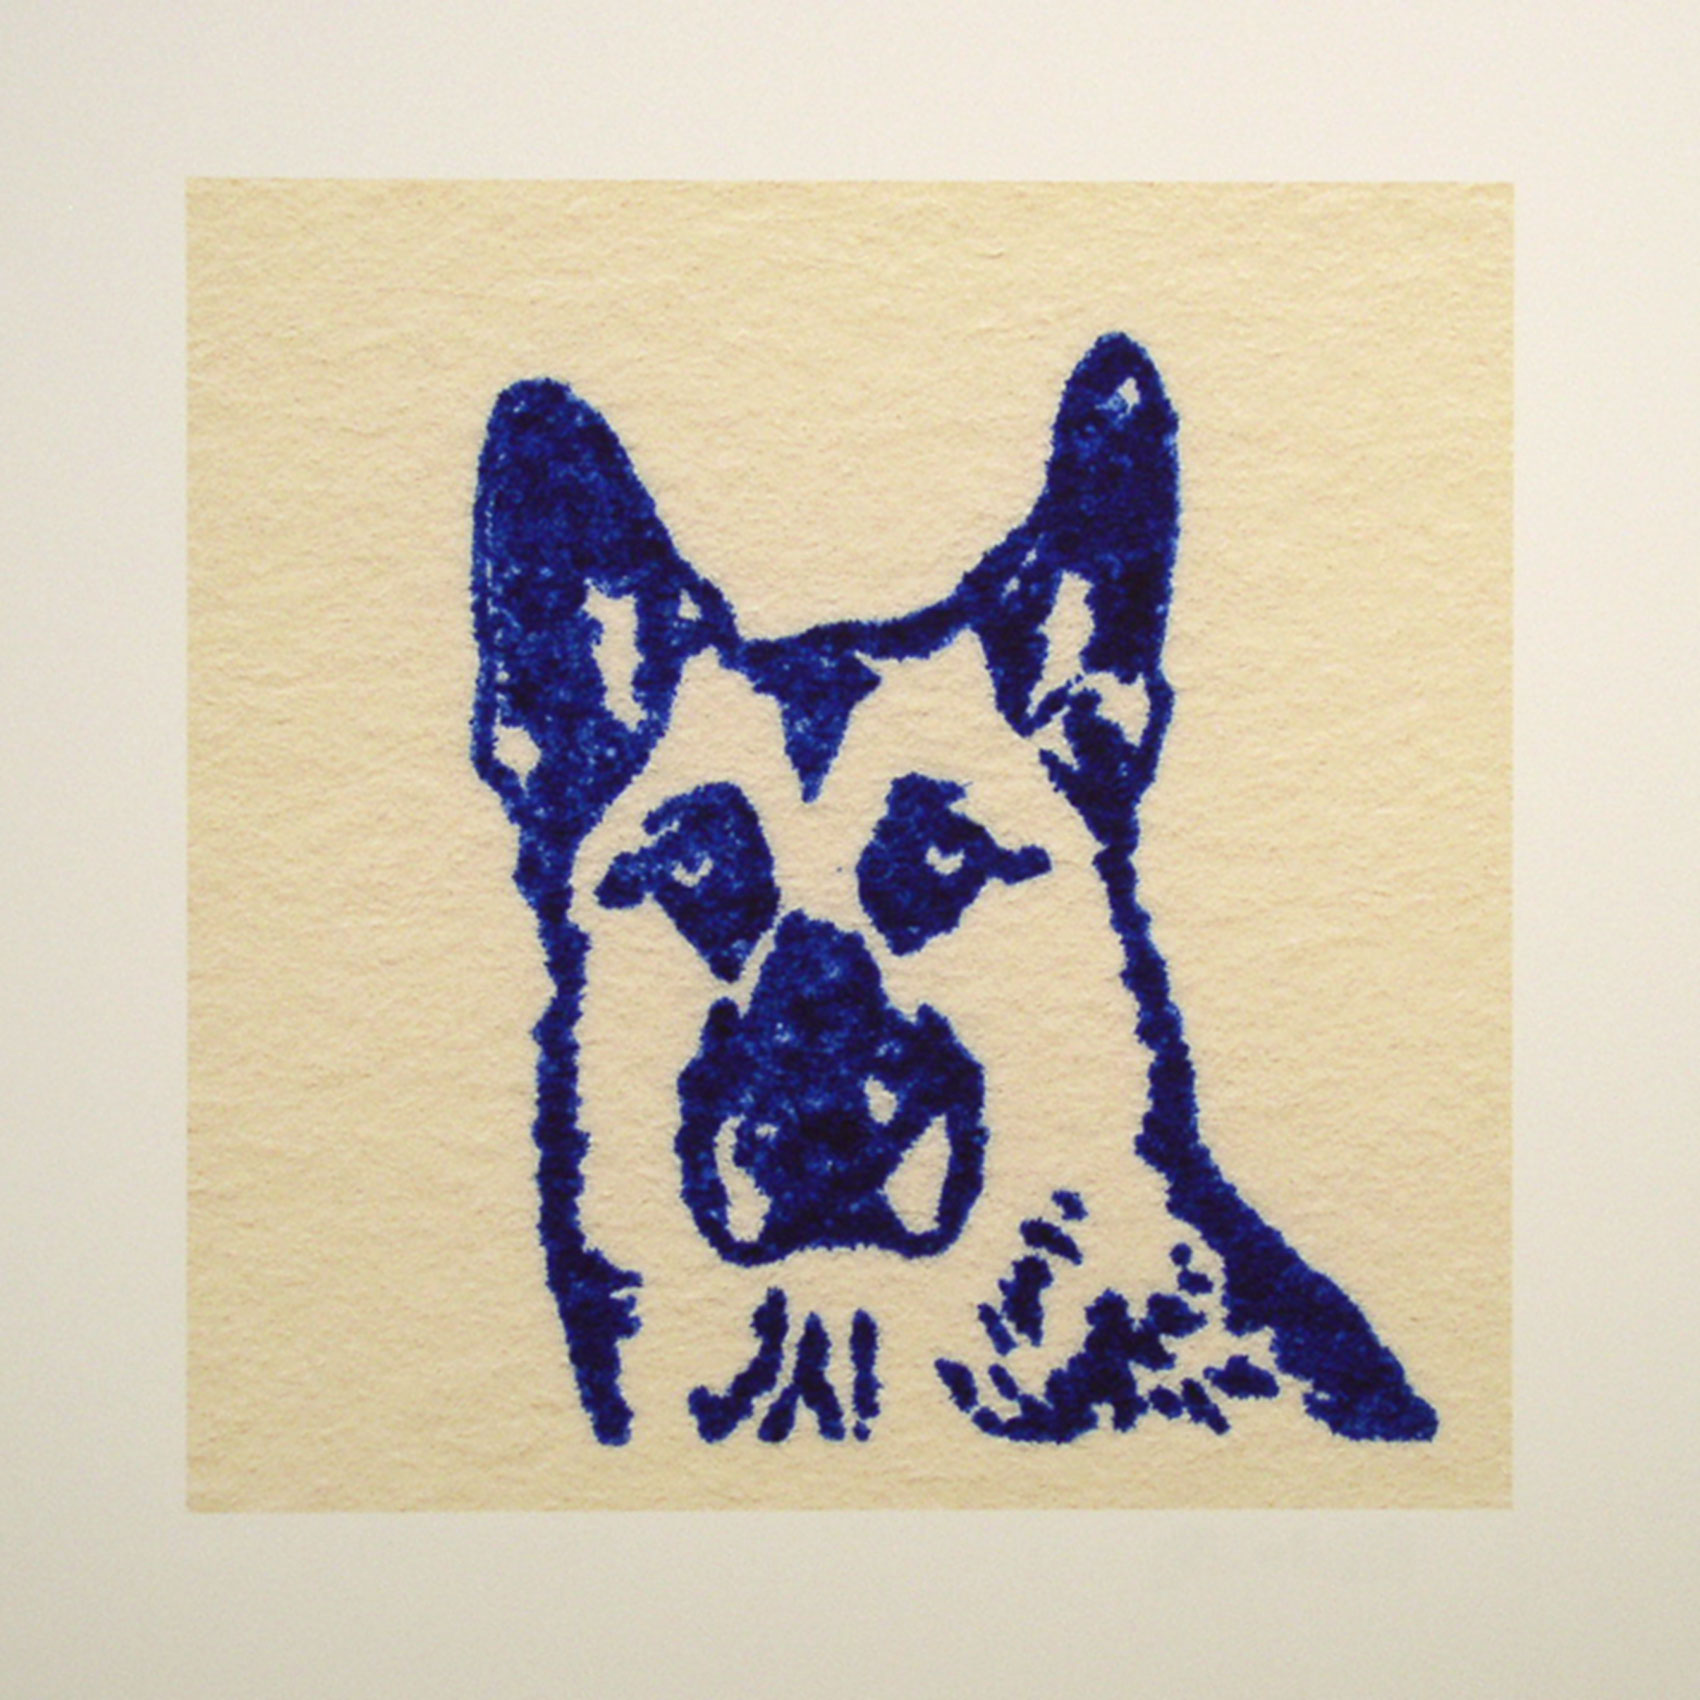 """Cody; blue; 2007; image size 10"""" x 10"""""""